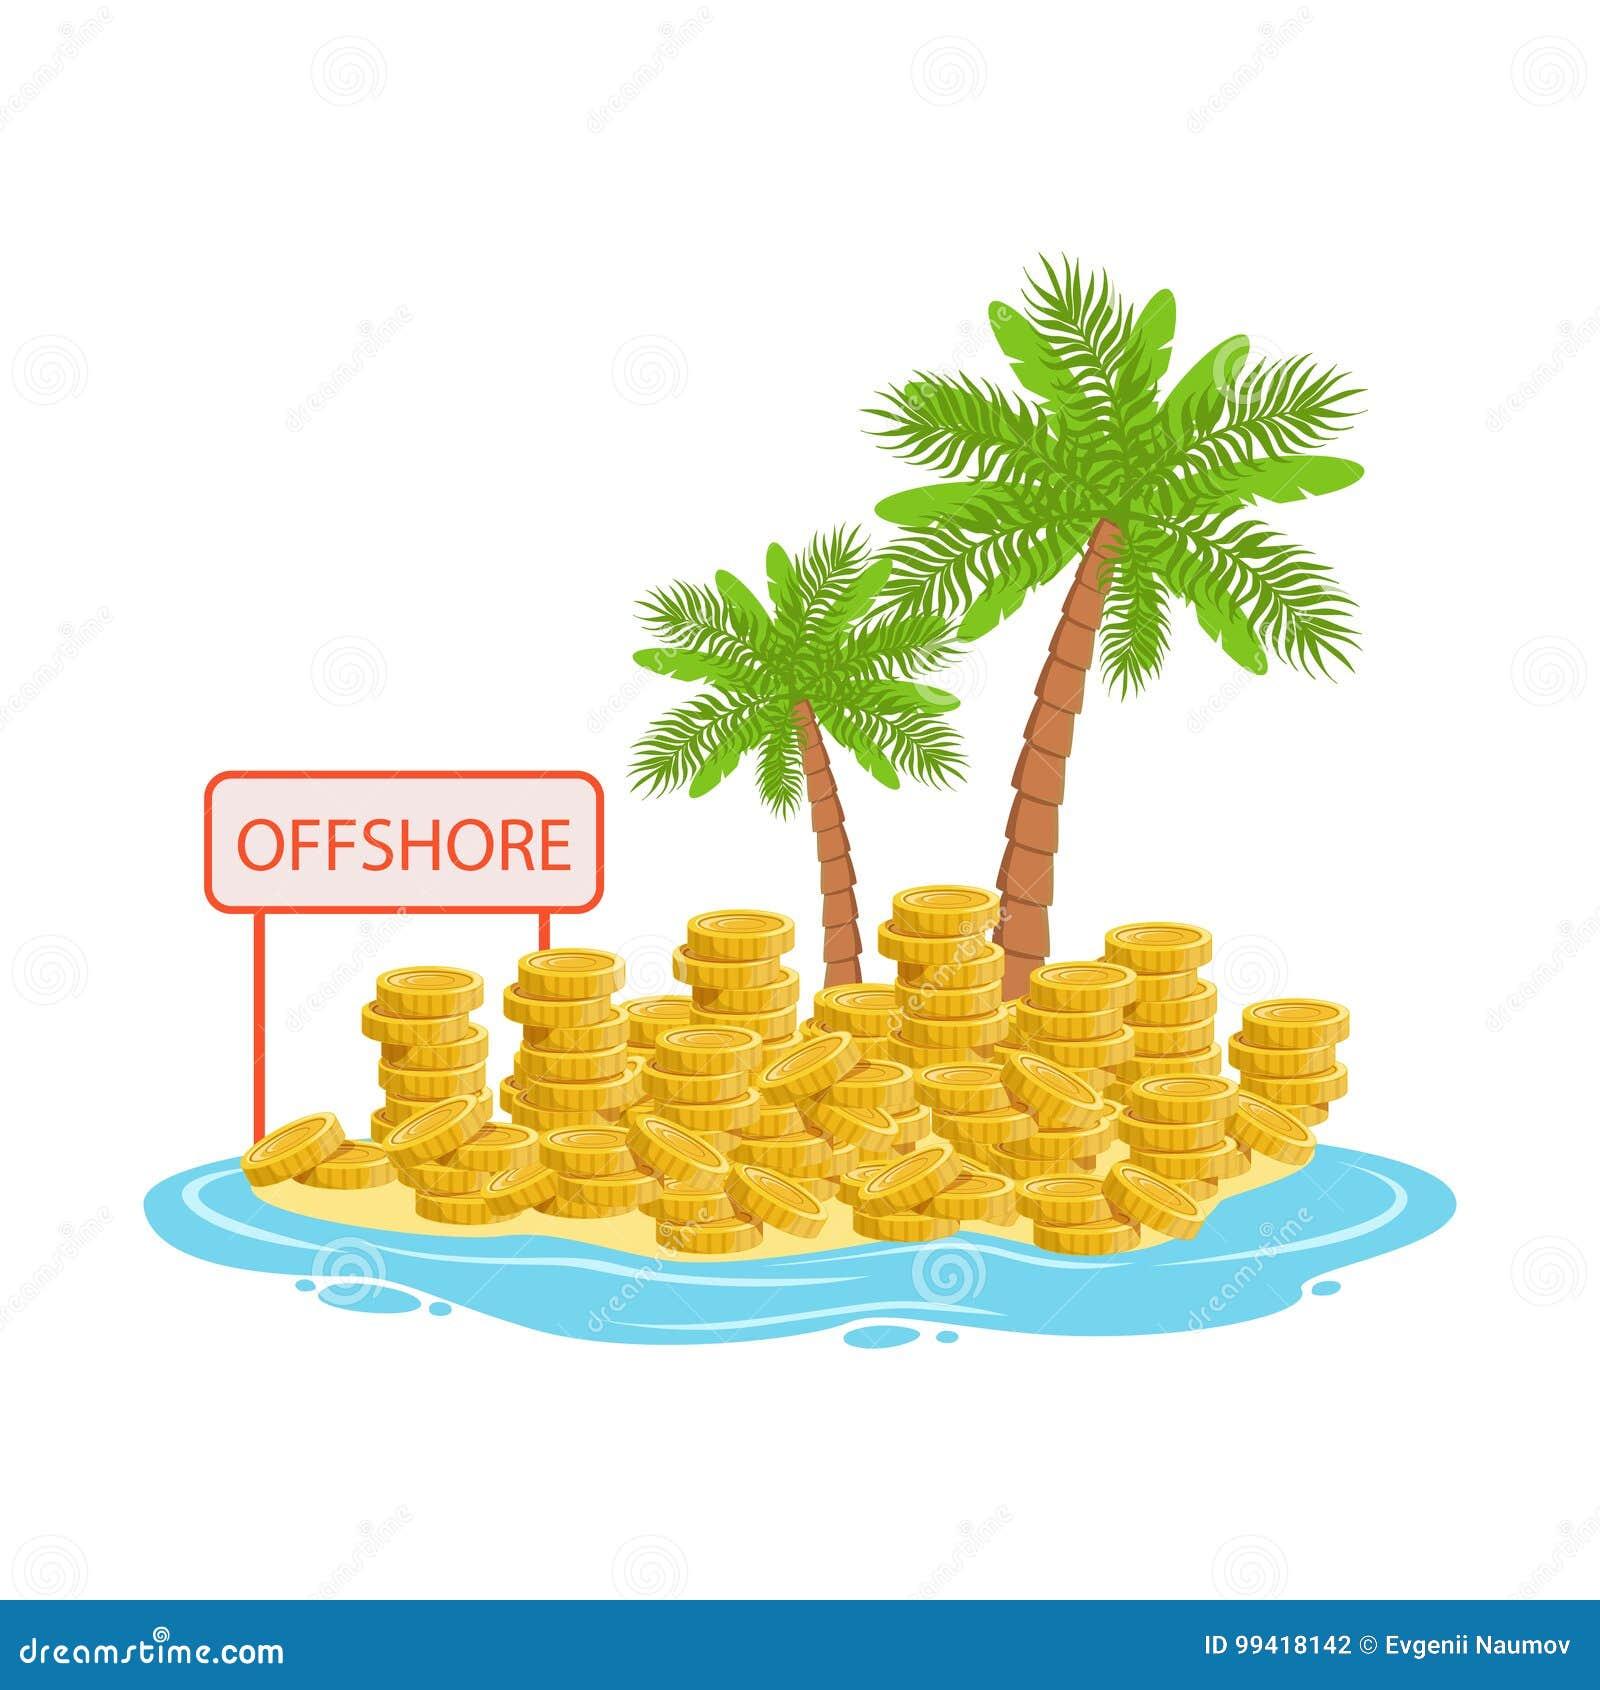 Большие кучи золотых монеток лежа на тропическом острове, иллюстрации вектора концепции оффшорных банковских дел